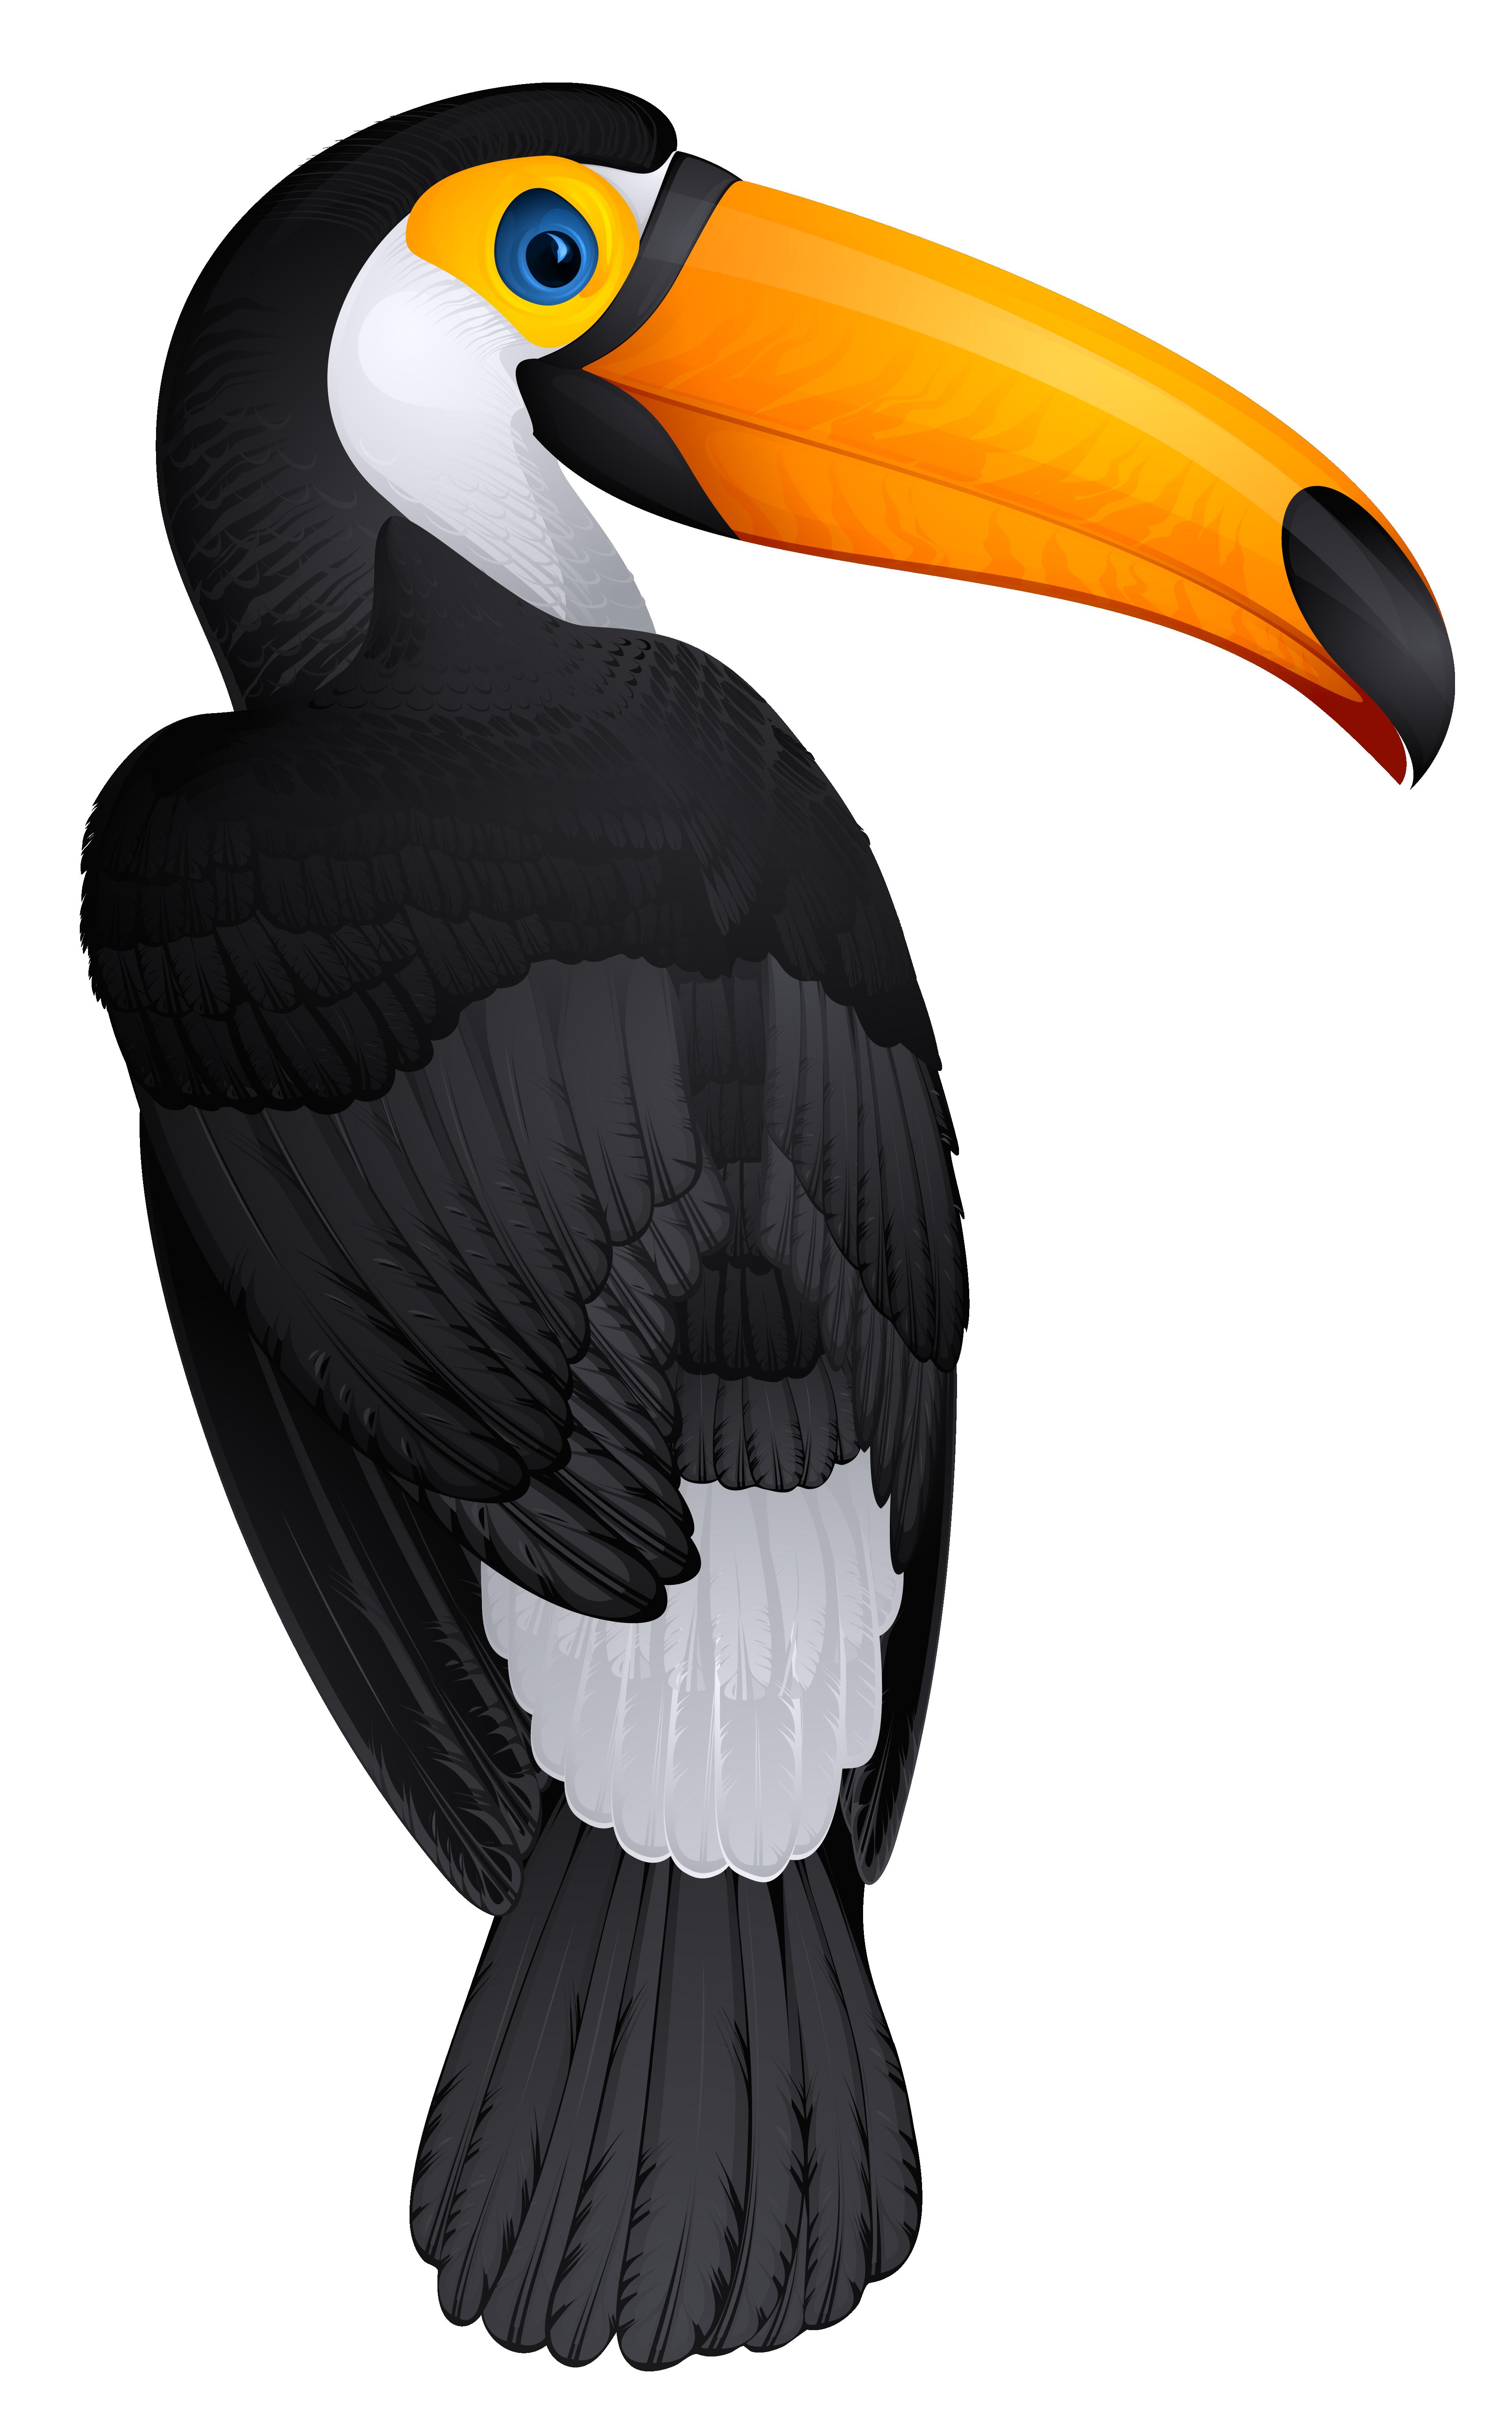 Toucan clipart hornbill #4